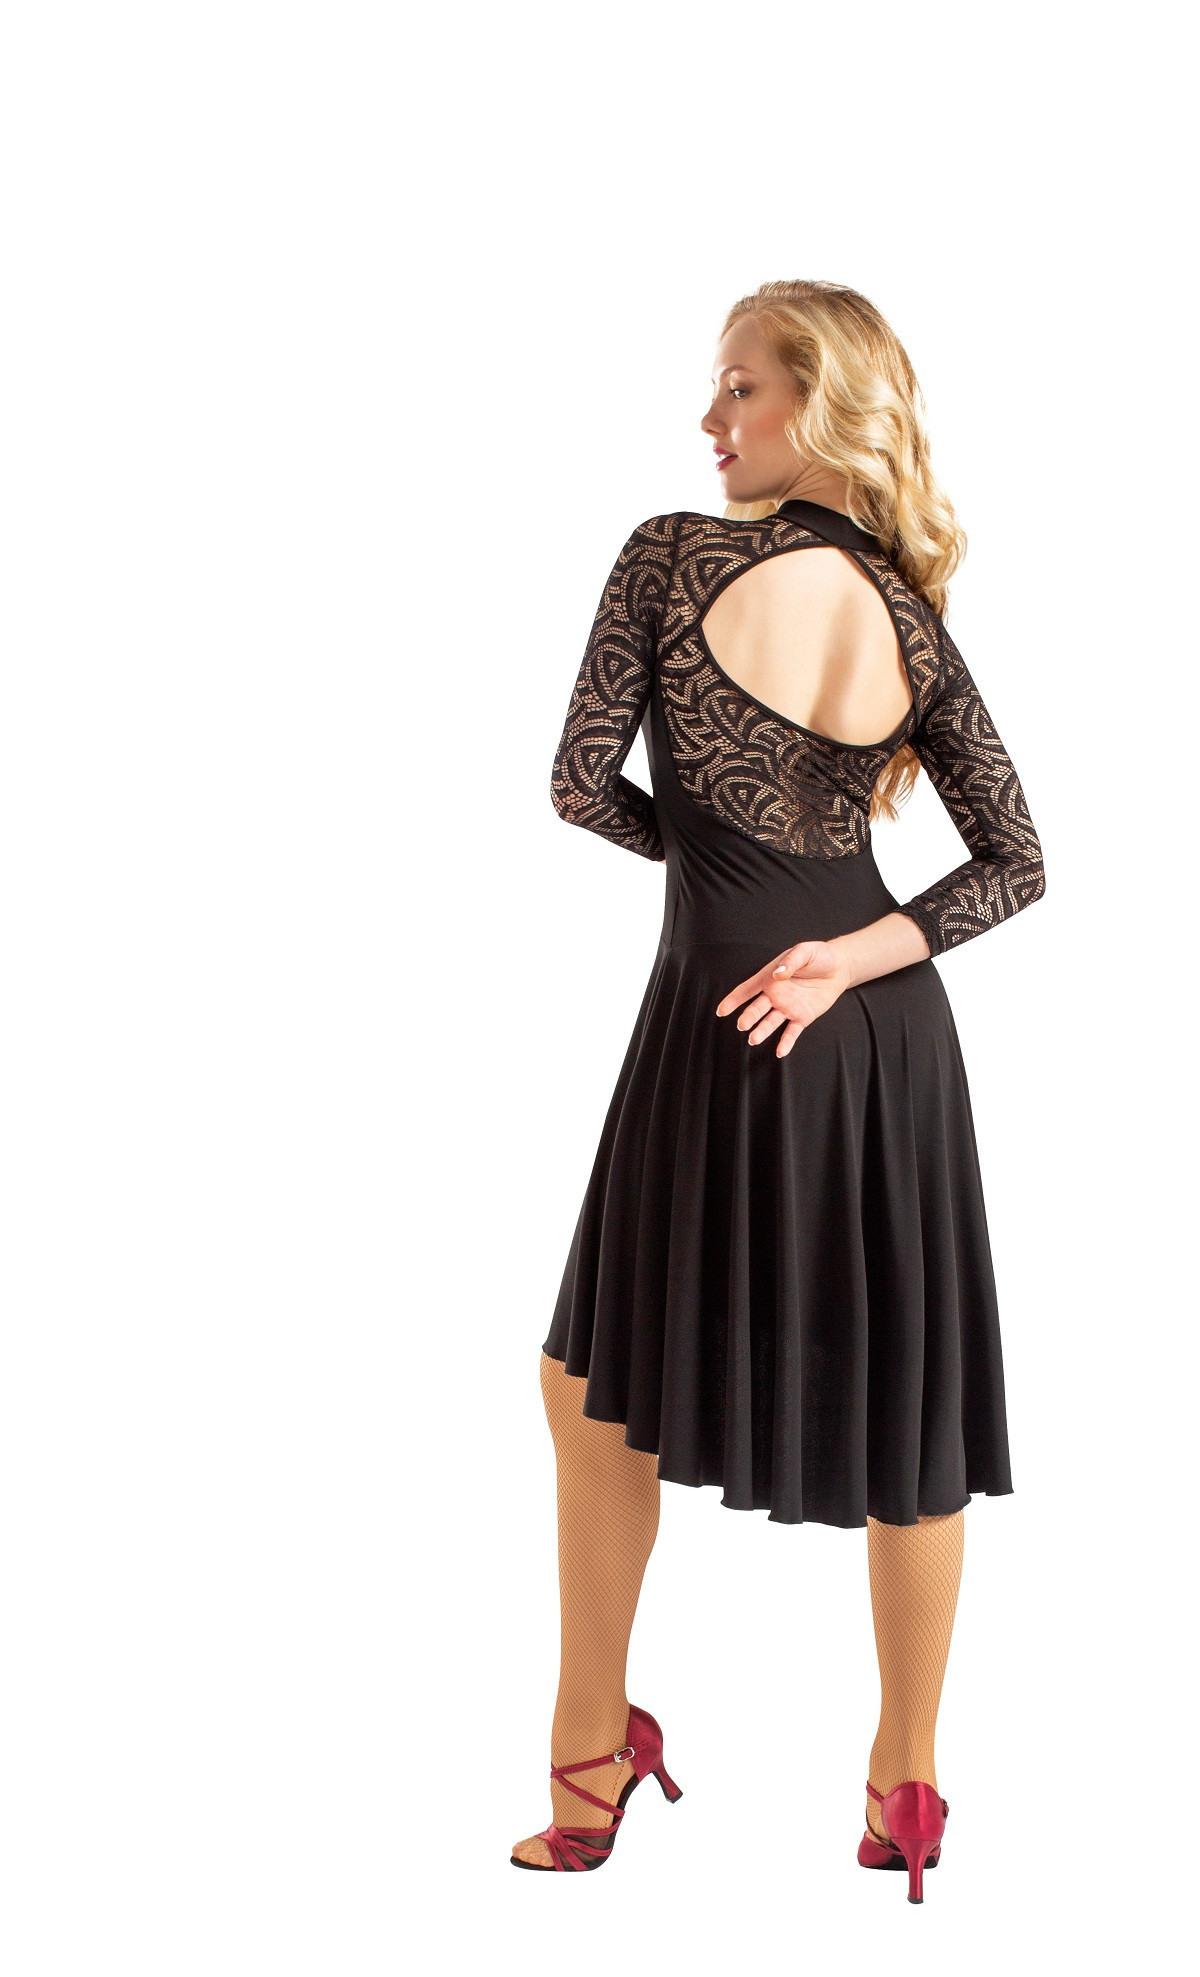 Leicht Damen Abendkleid SpezialgebietAbend Genial Damen Abendkleid Vertrieb